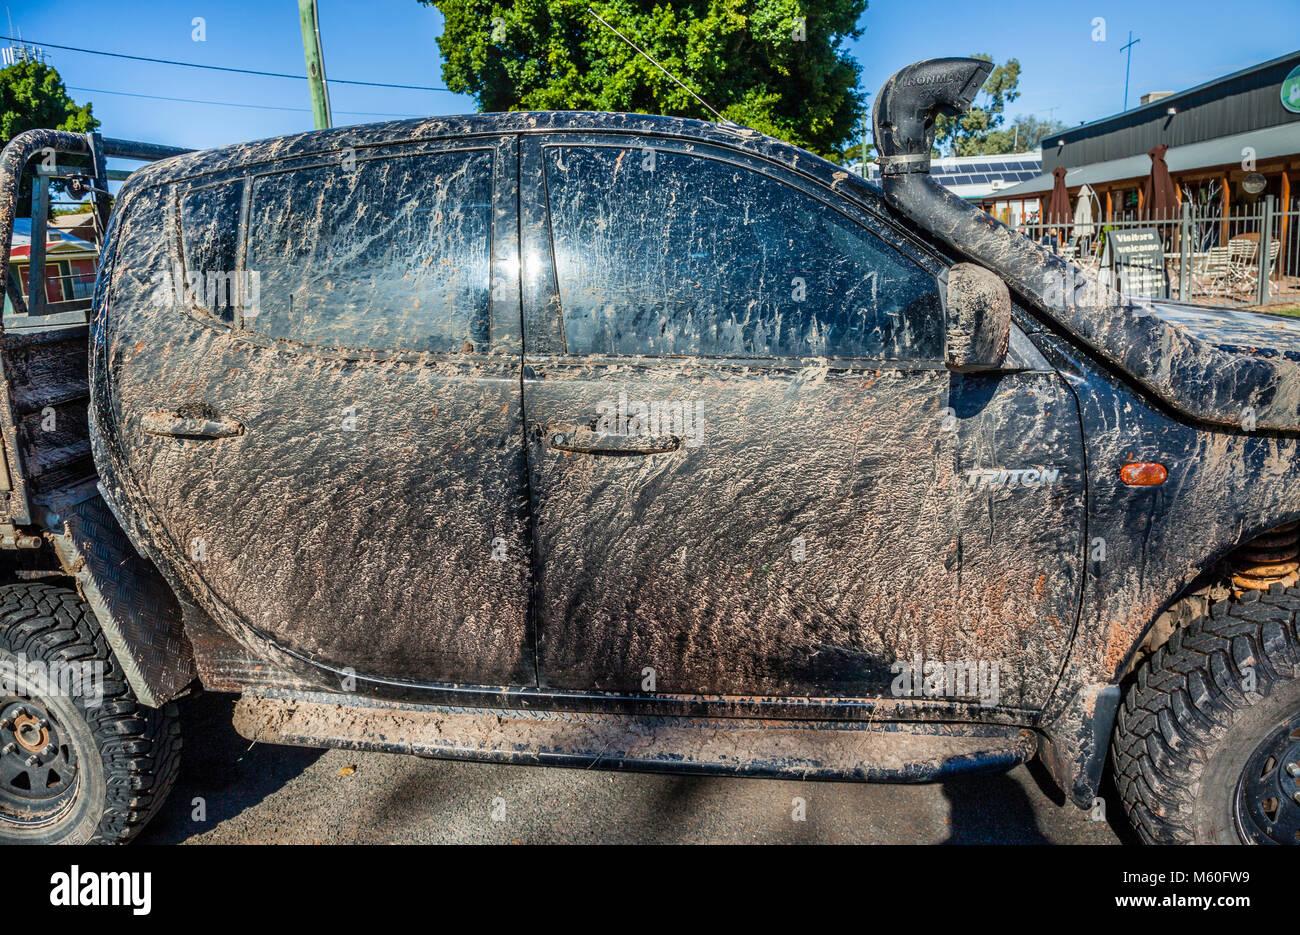 Australien, im Nordwesten von New South Wales, Bourke, Schlamm vovered 4WD-Fahrzeug nach einigen rauhen outback Stockbild